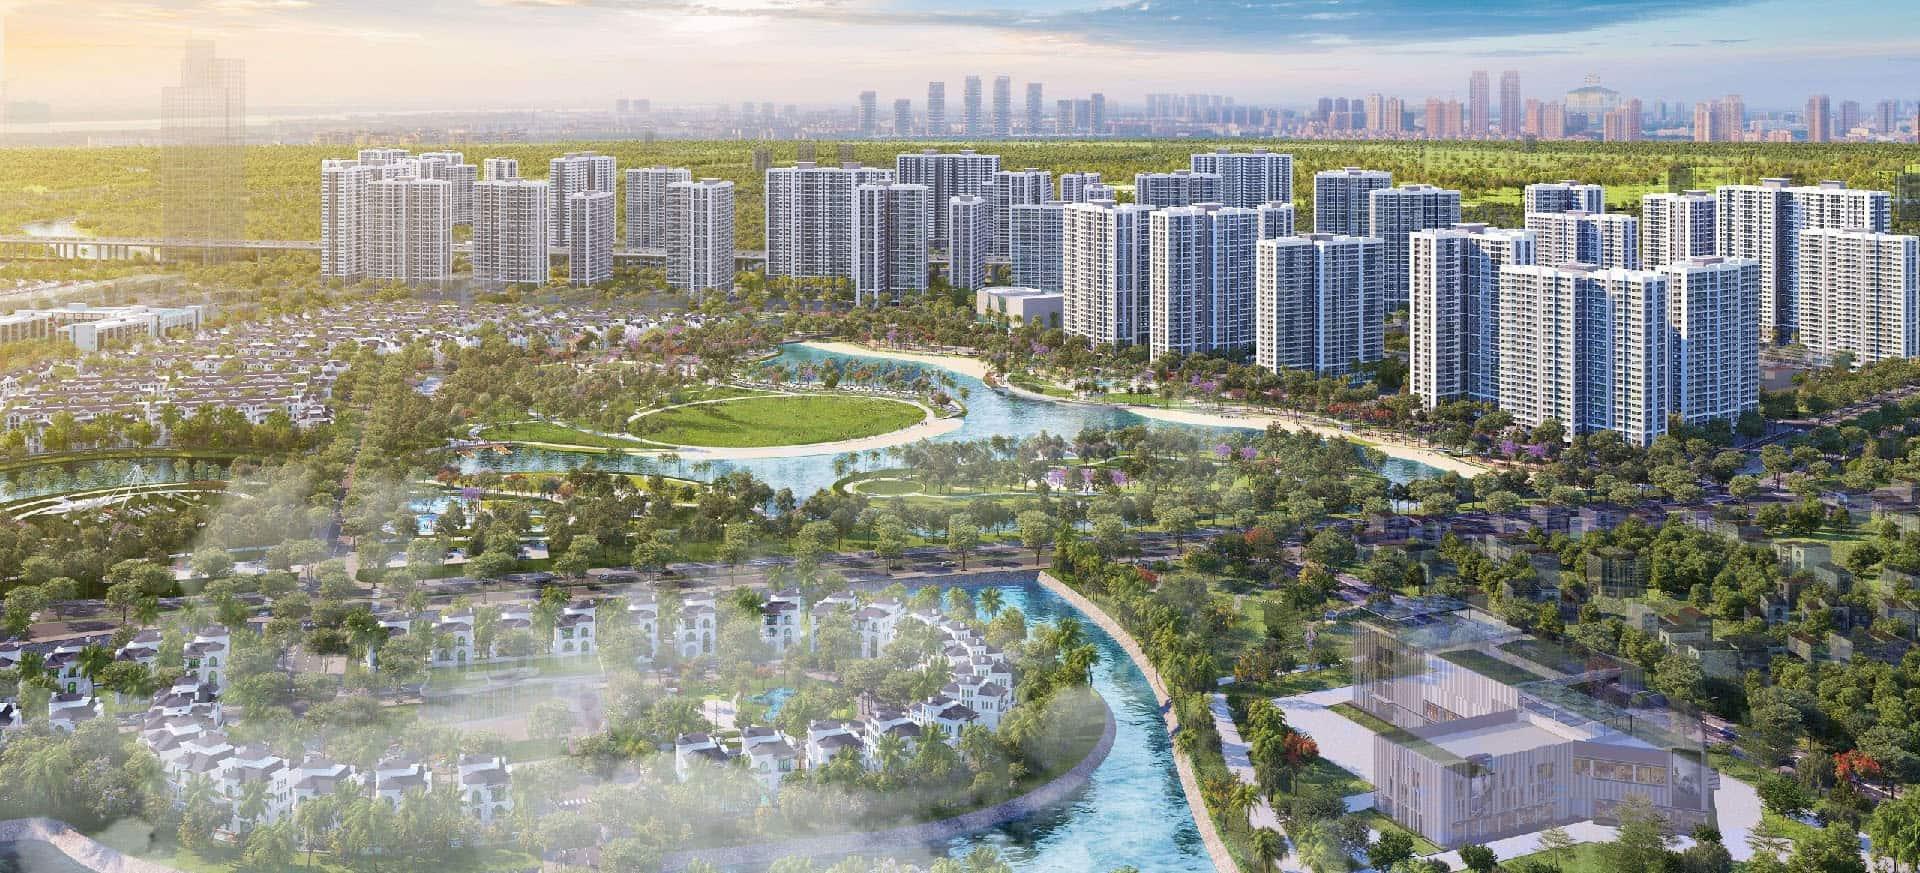 Vinhomes Grand Park Quận 9 - Đô thị đẳng cấp Số 1 Việt Nam — Đông ...